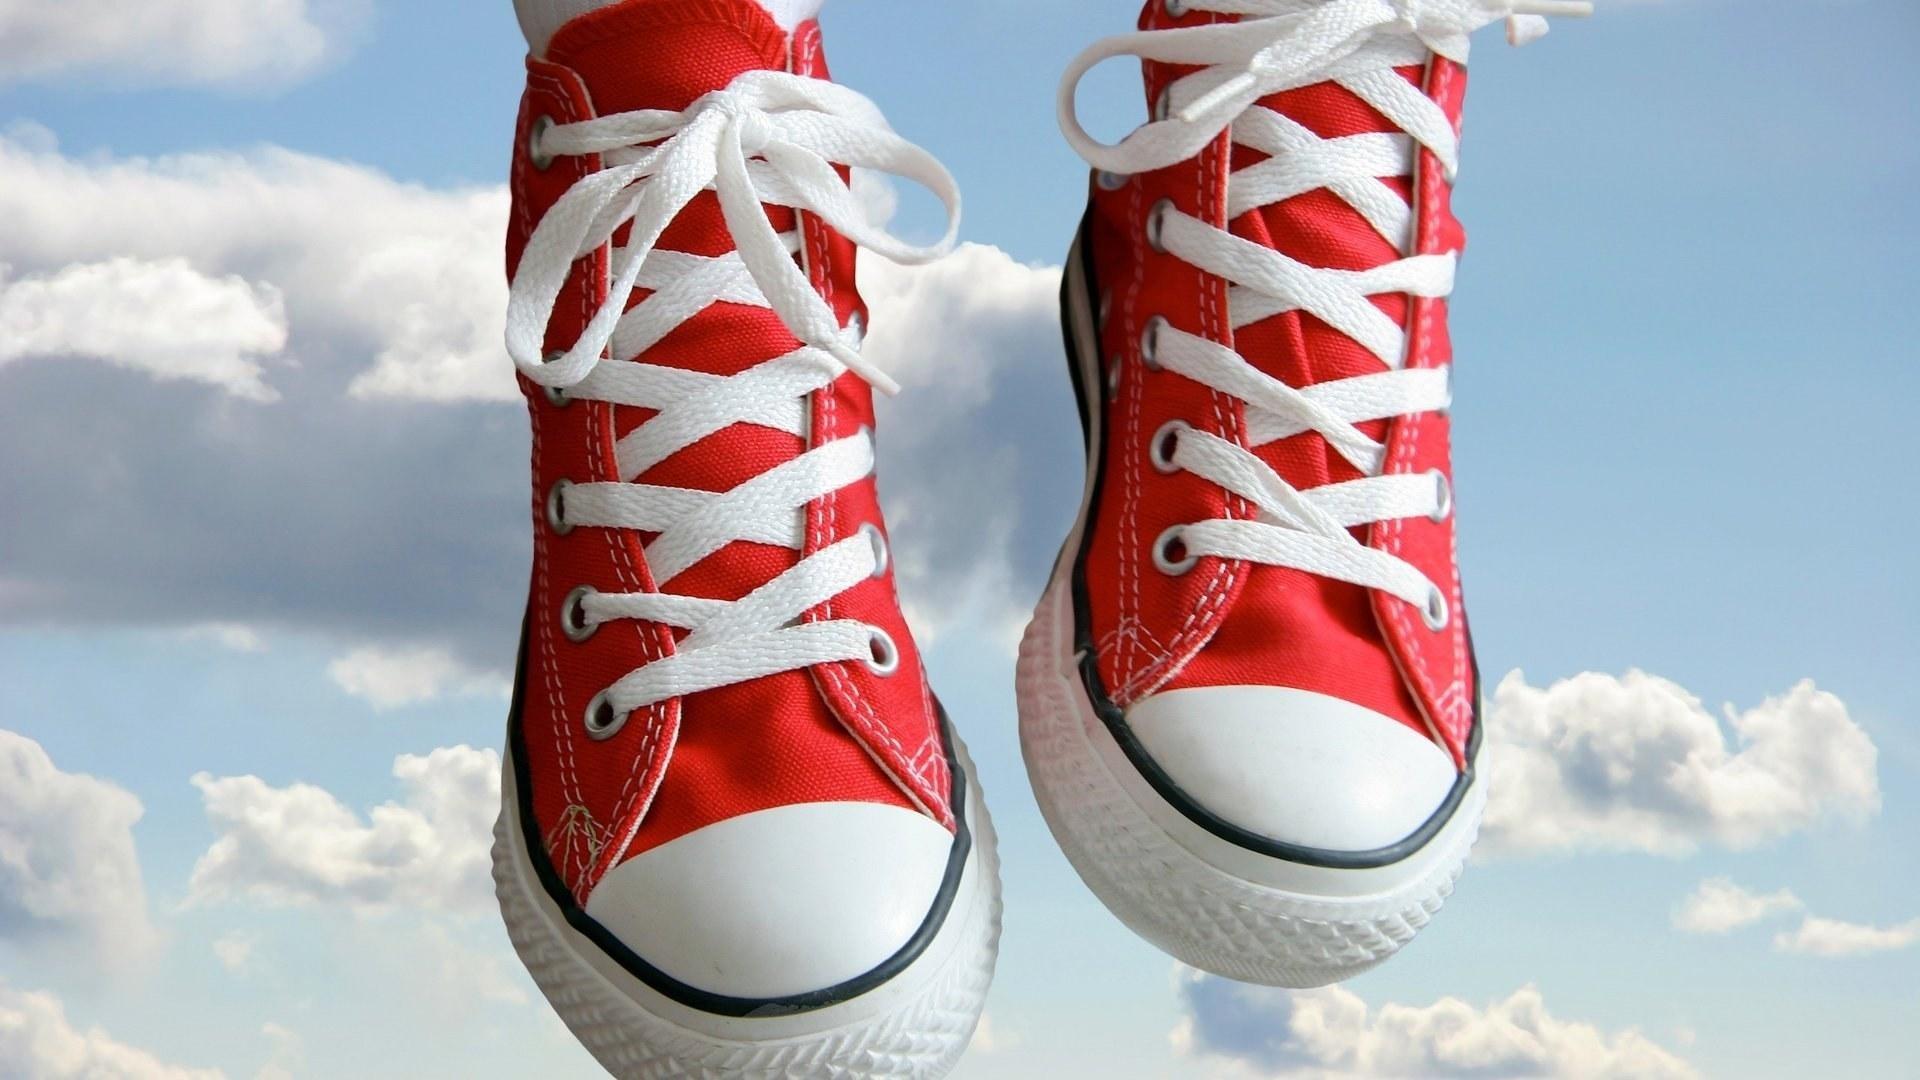 Shoes a wallpaper